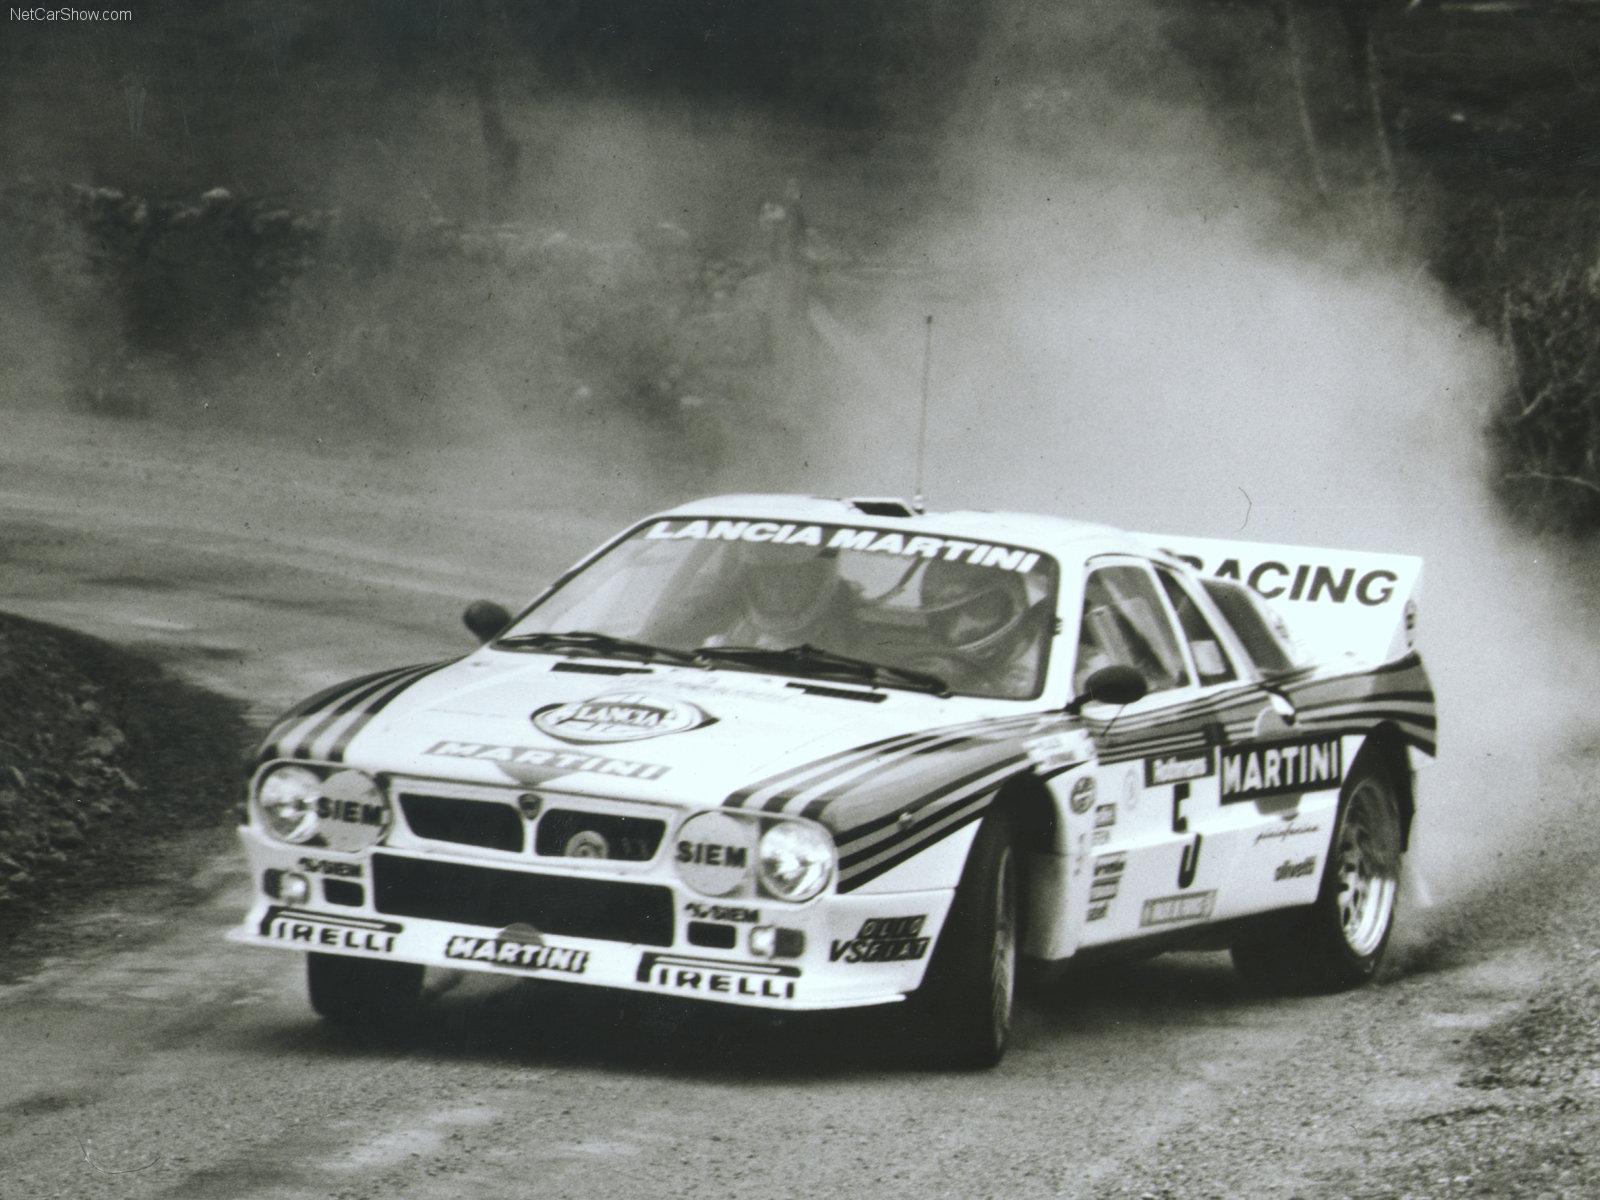 http://3.bp.blogspot.com/_-ZqoYHMLGNc/Sudi9RCoOrI/AAAAAAAAAgc/l7b802H_Oyw/s1600/Lancia-Rally_037_Gruppo_B_1982_1600x1200_wallpaper_04.jpg